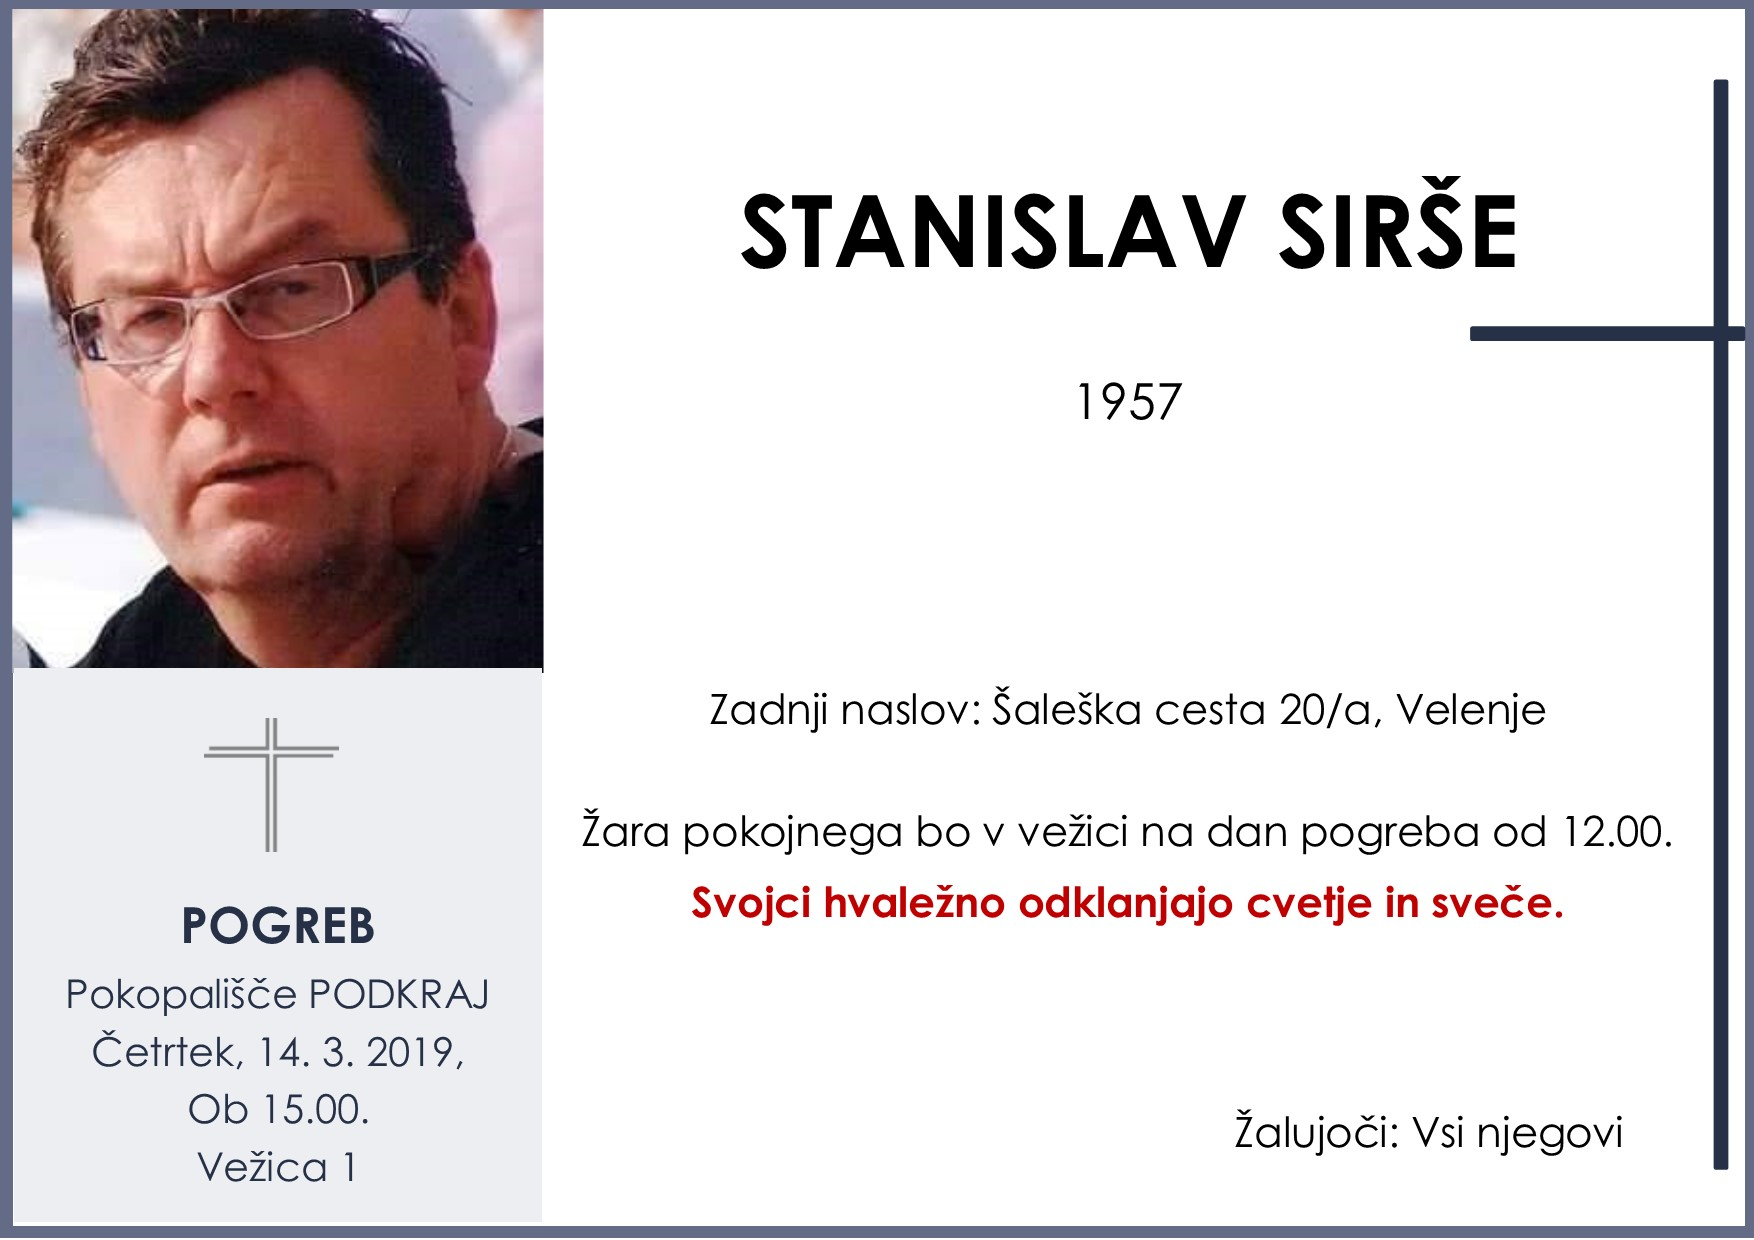 STANISLAV SIRŠE, Podkraj, 14. 03. 2019